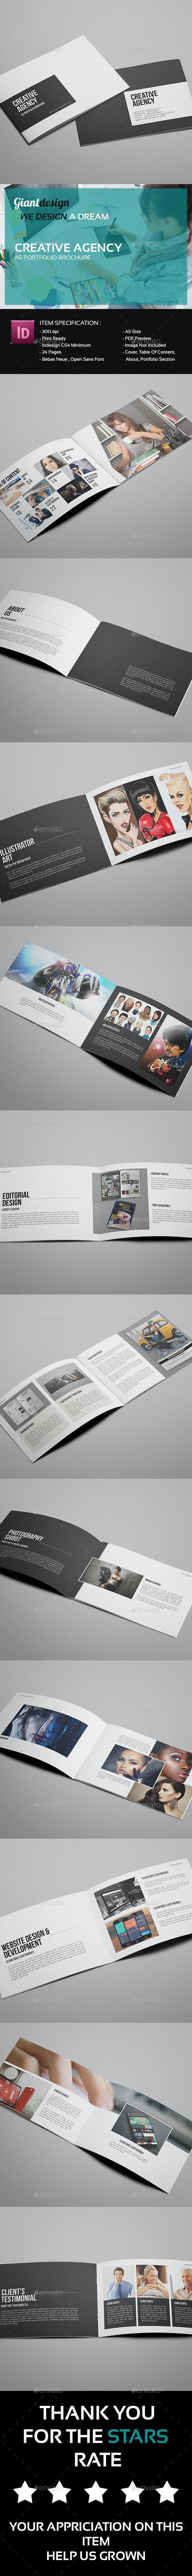 Creative Agency - A5 Portfolio Brochure - Portfolio Brochures